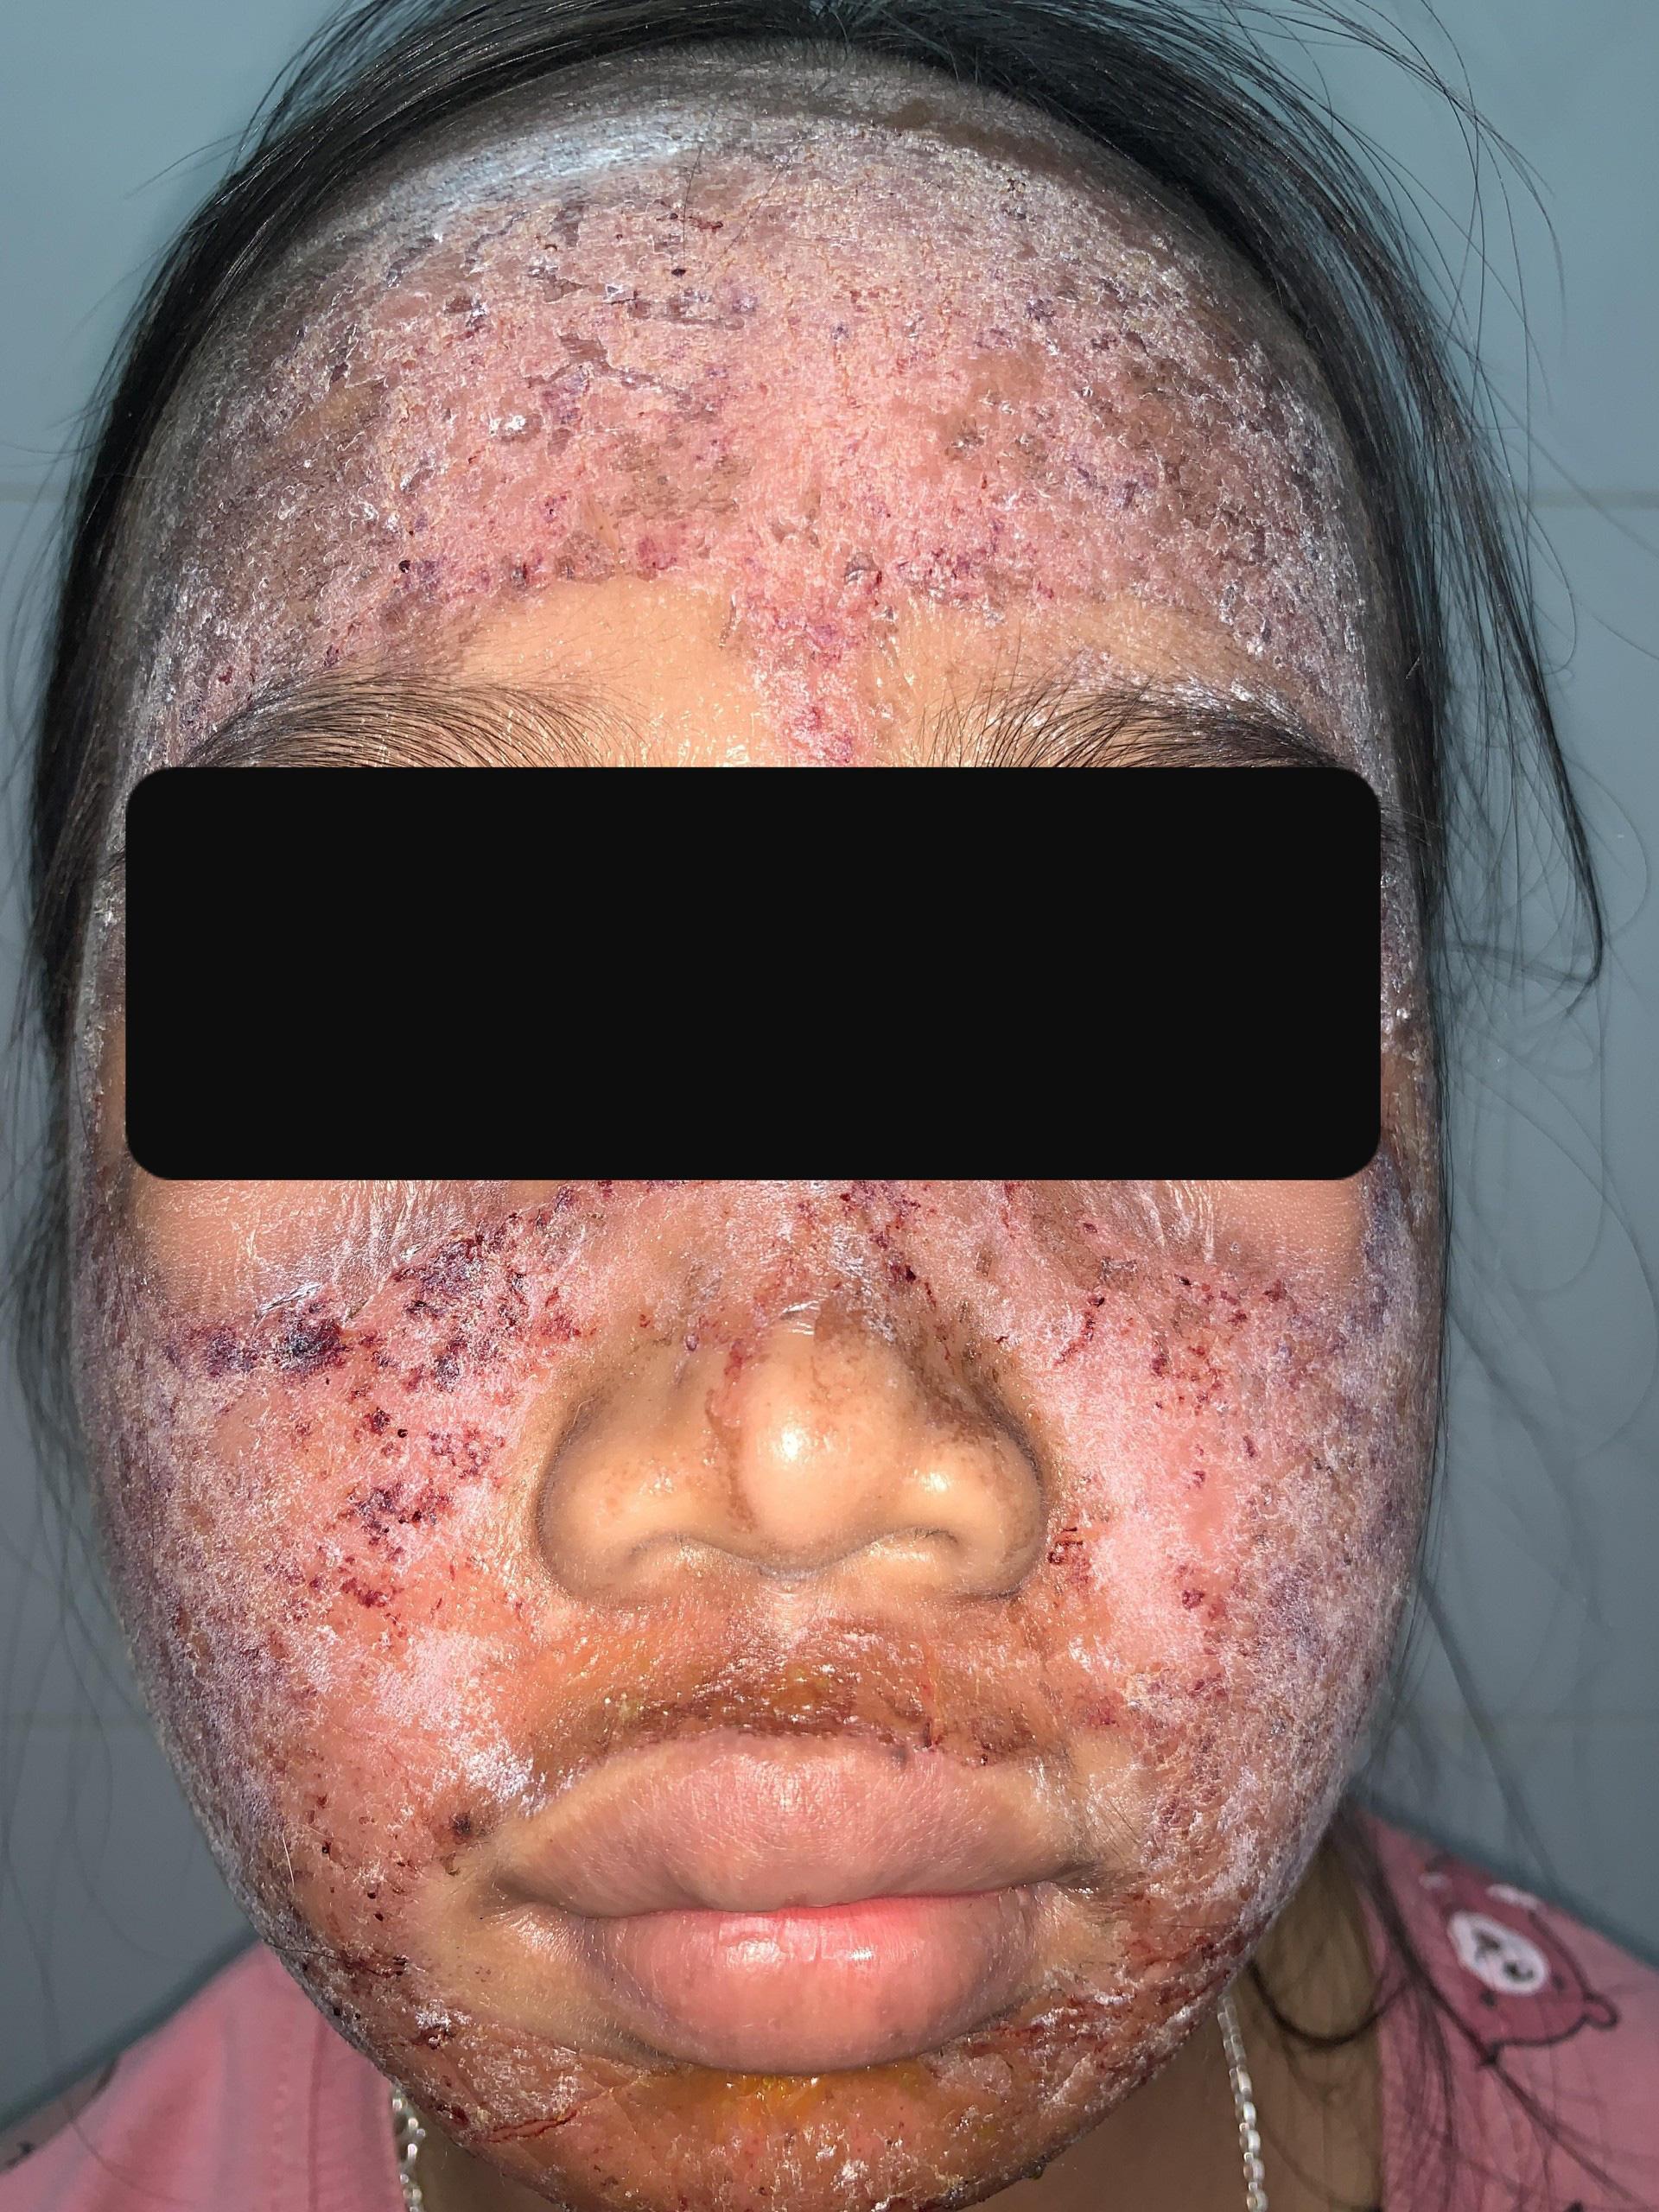 Thích trắng hồng, thiếu nữ 17 tuổi dùng kem lột cấp tốc khiến cả khuôn mặt bị phá nát - Ảnh 1.